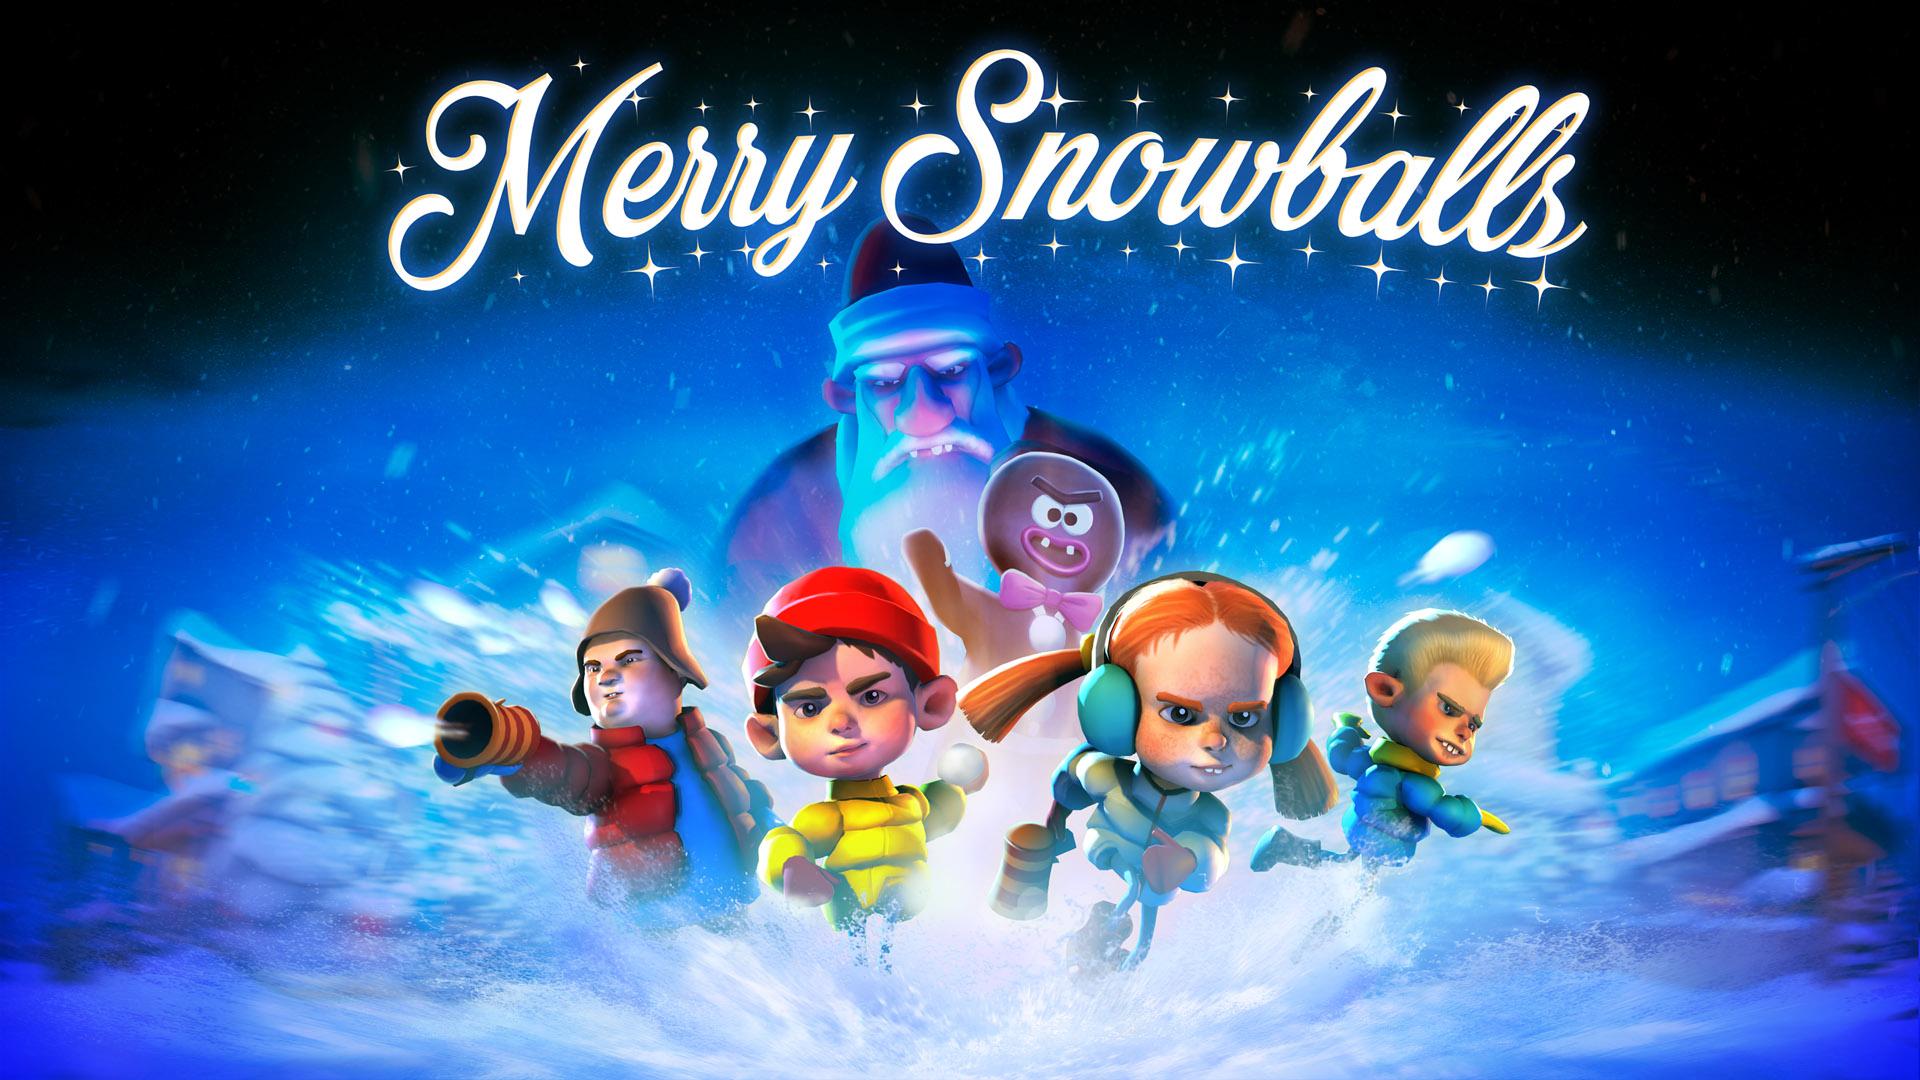 Халява: в Steam бесплатно раздают VR-игру про войну снежками